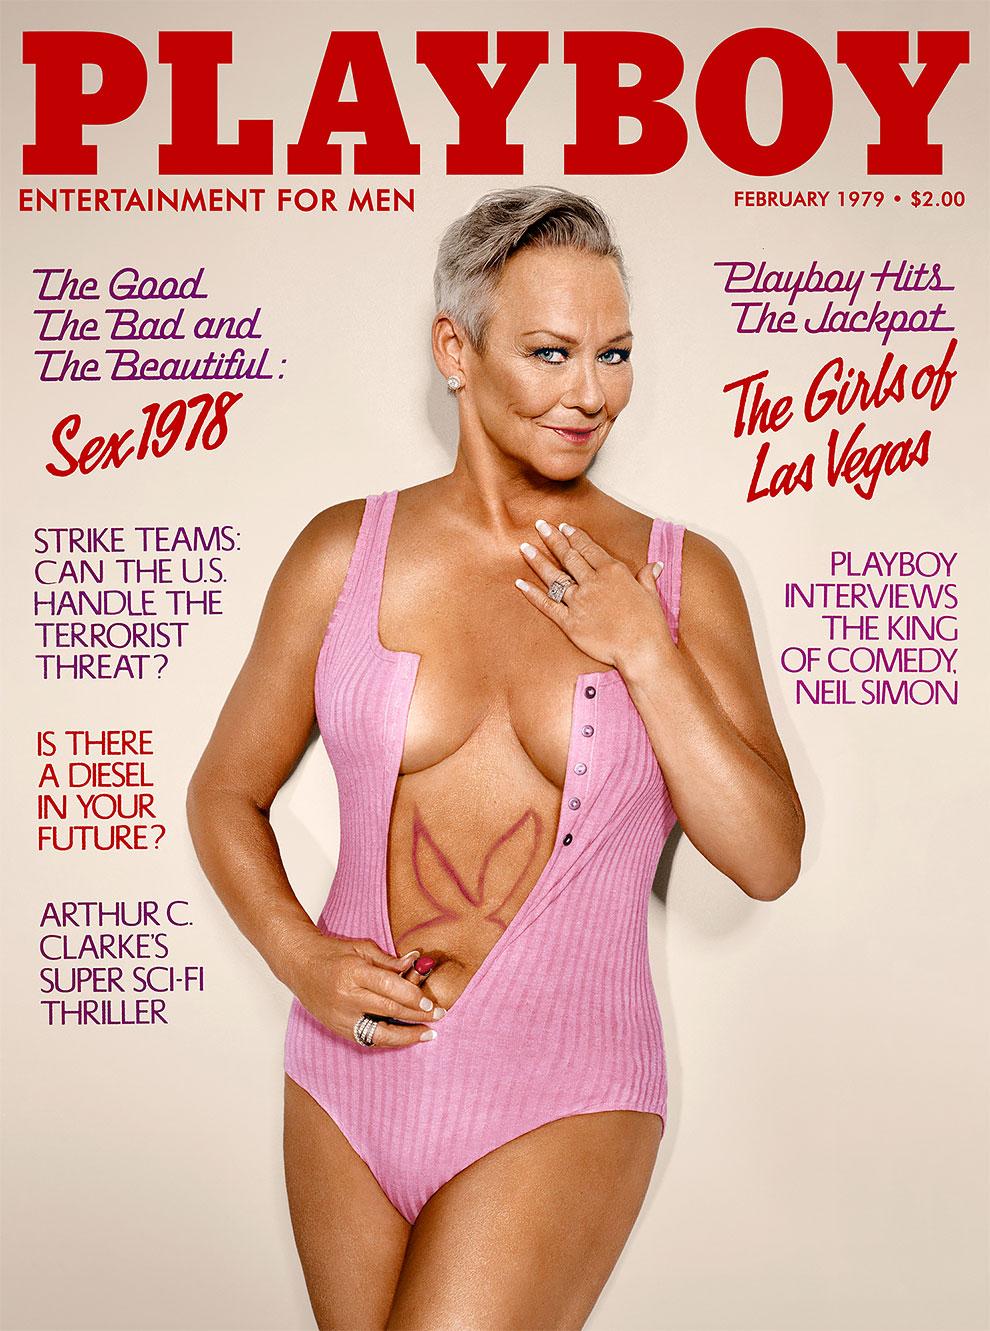 30 лет спустя: журнал Playboy воссоздал свои культовые обложки с теми же моделями 2